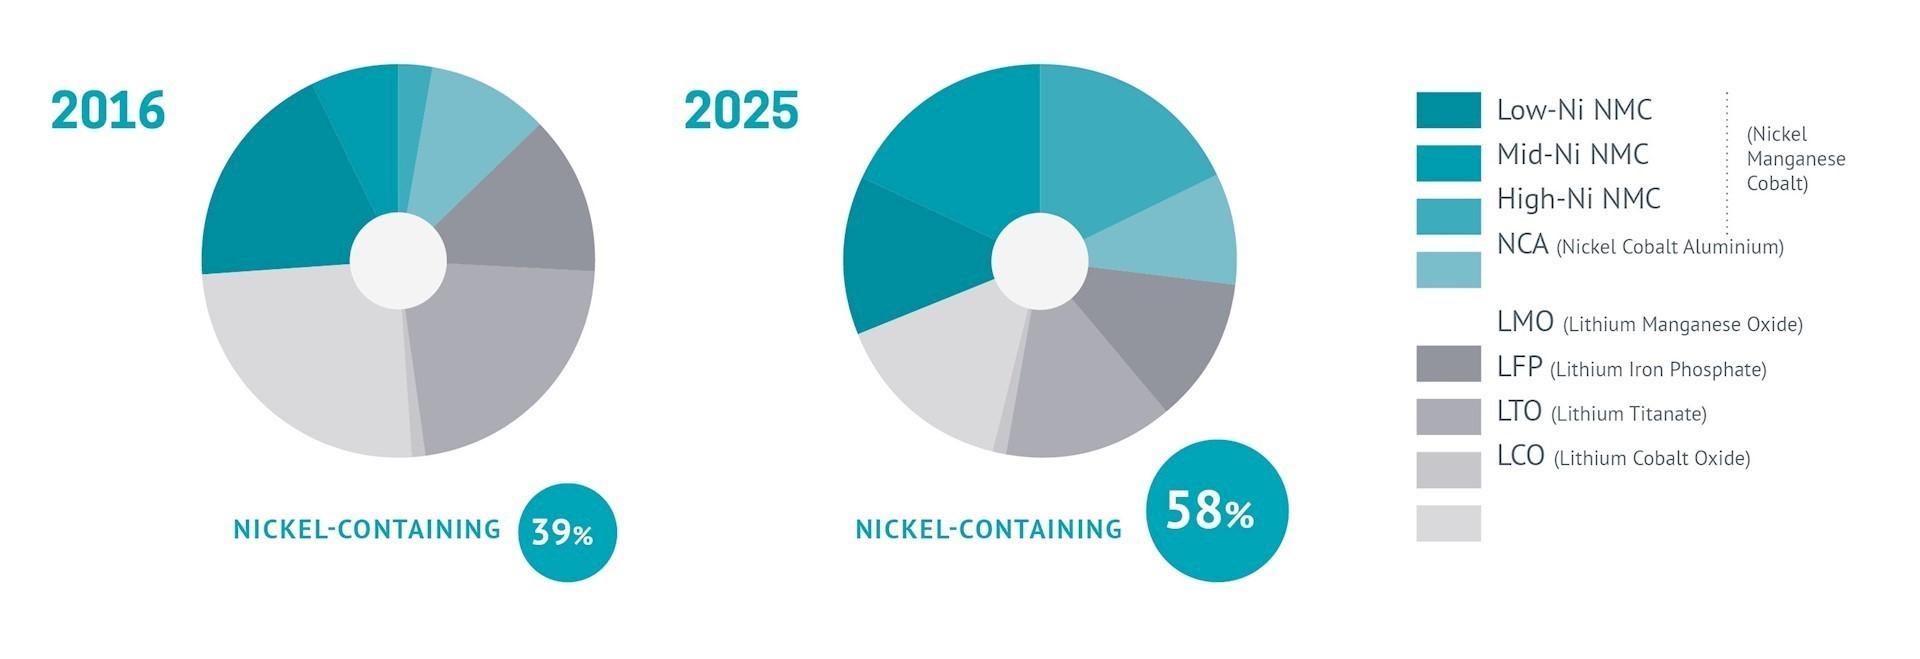 Nickel in batteries | Nickel Institute